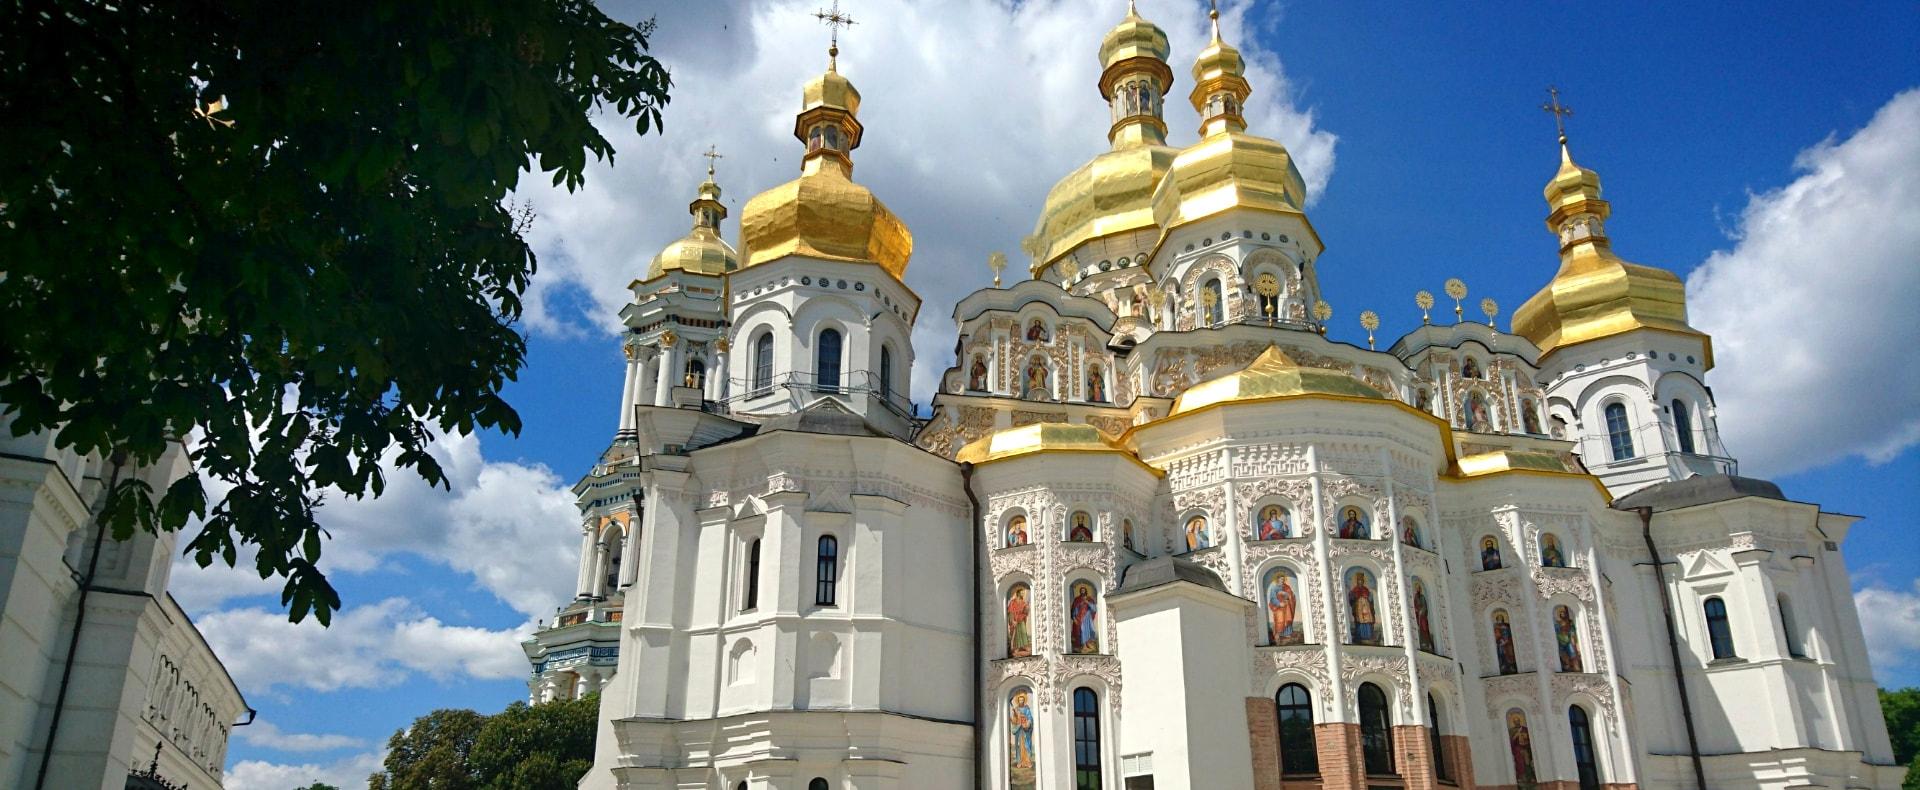 Kiev Pechersk Lavra, Kiev